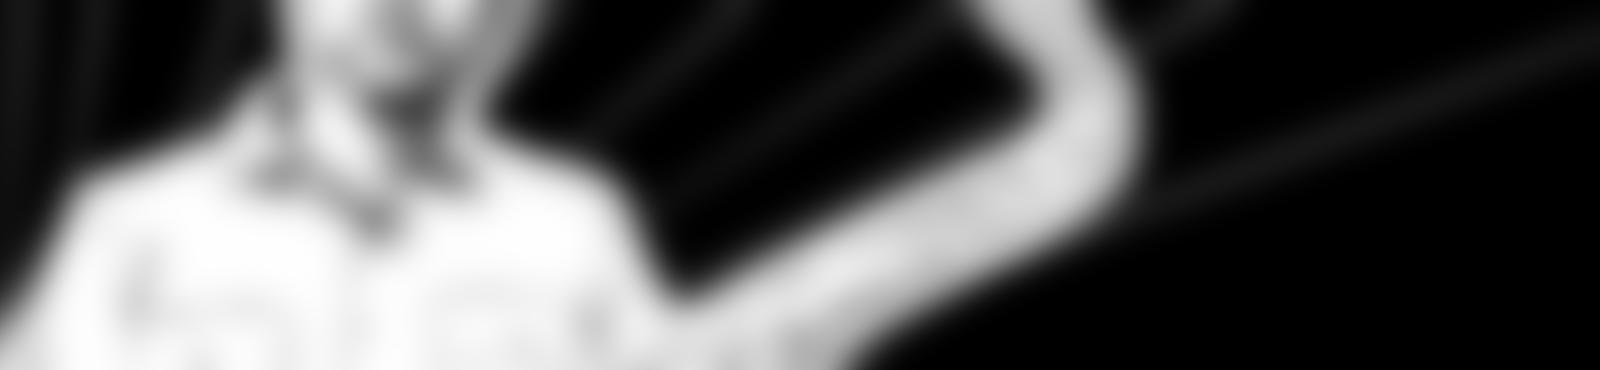 Blurred 56bc166b 069b 4f30 8fa4 c606255c9276